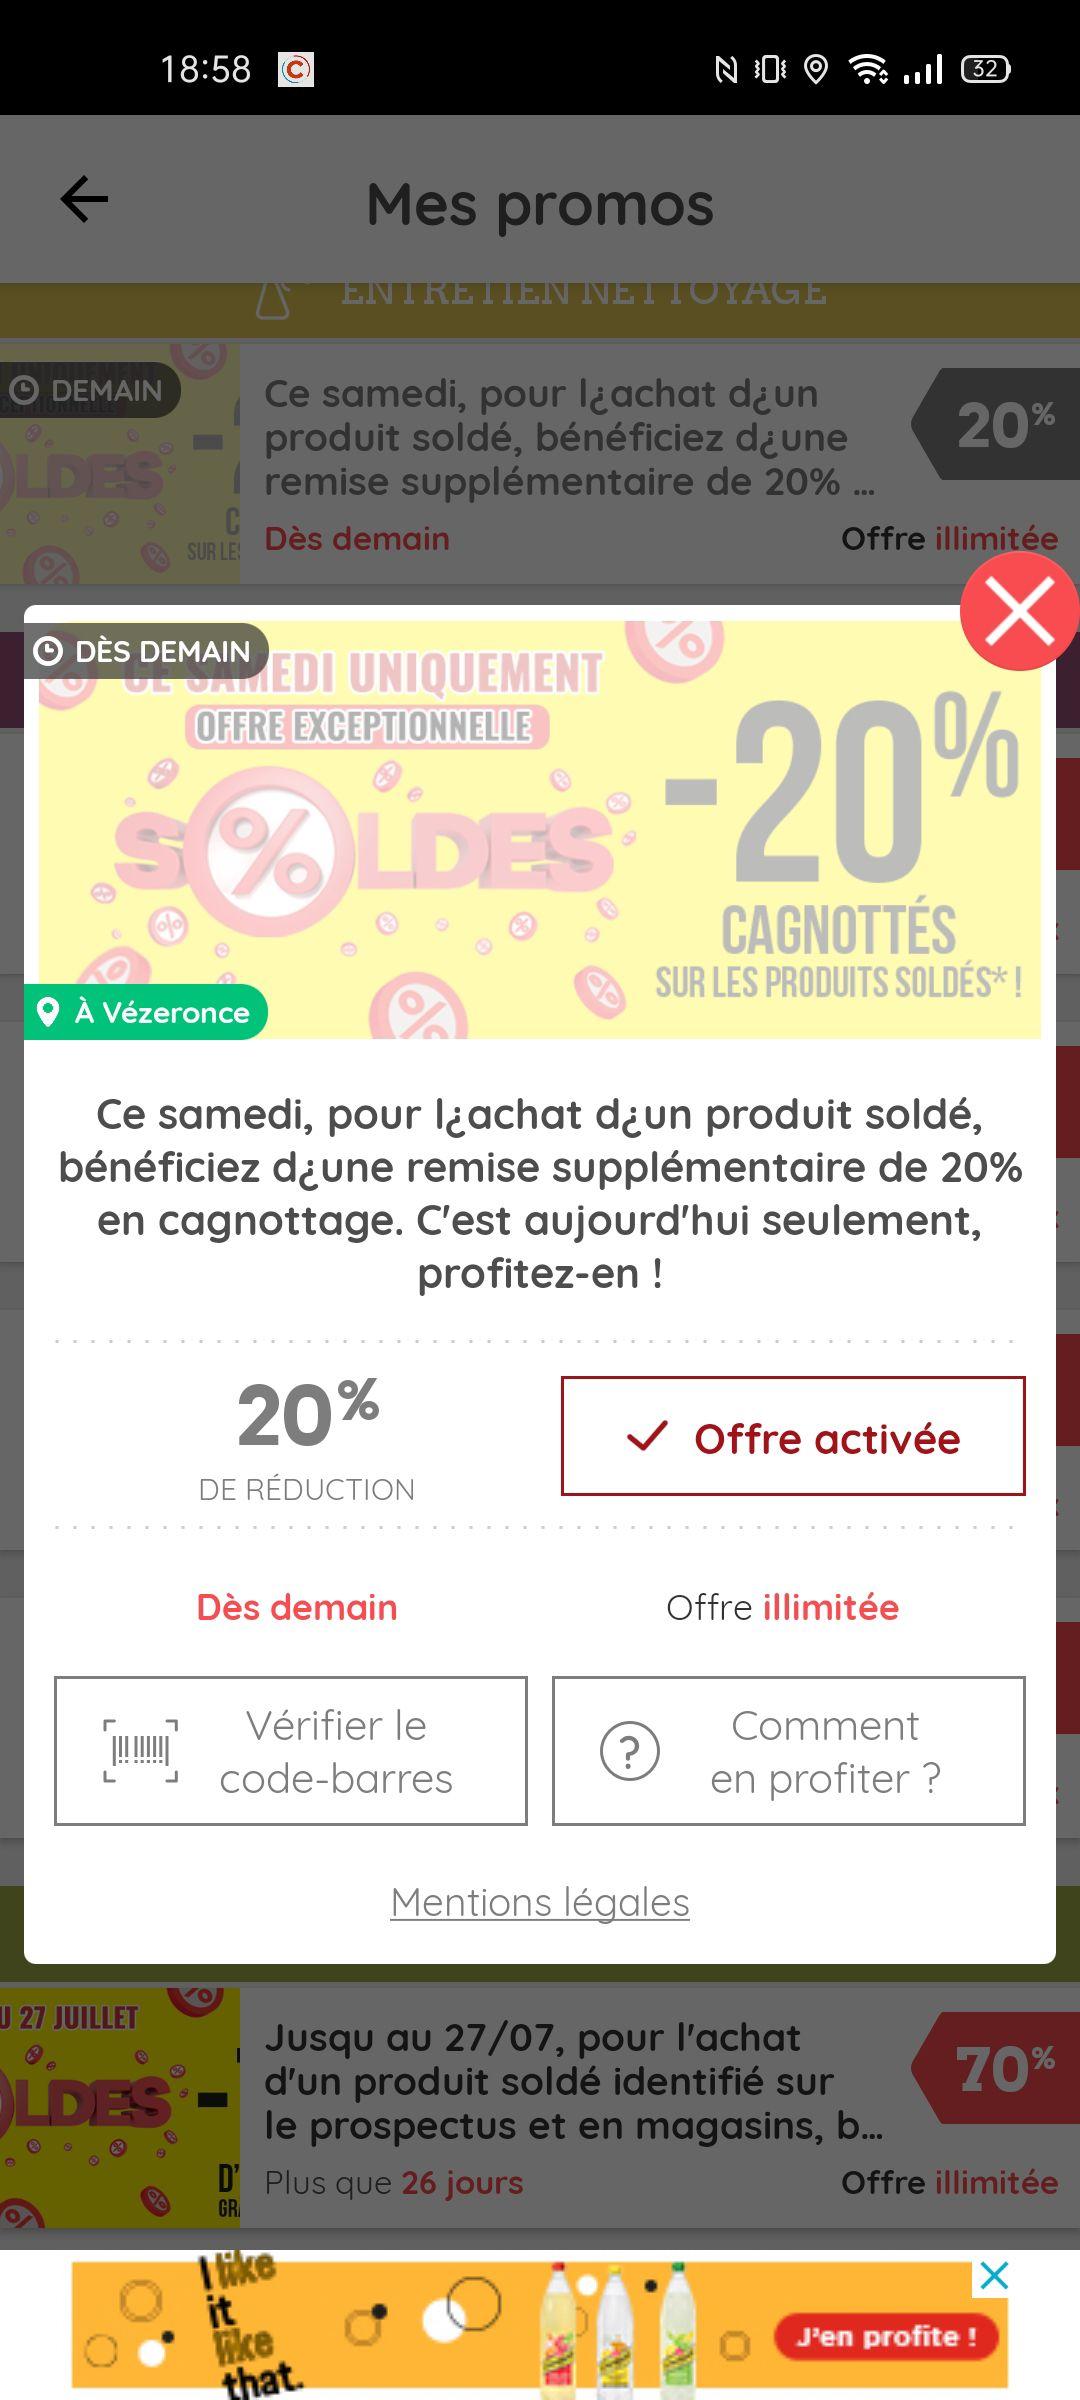 20% crédité sur le compte de fidélité sur les produits soldés - Vézeronce-Curtin (38)